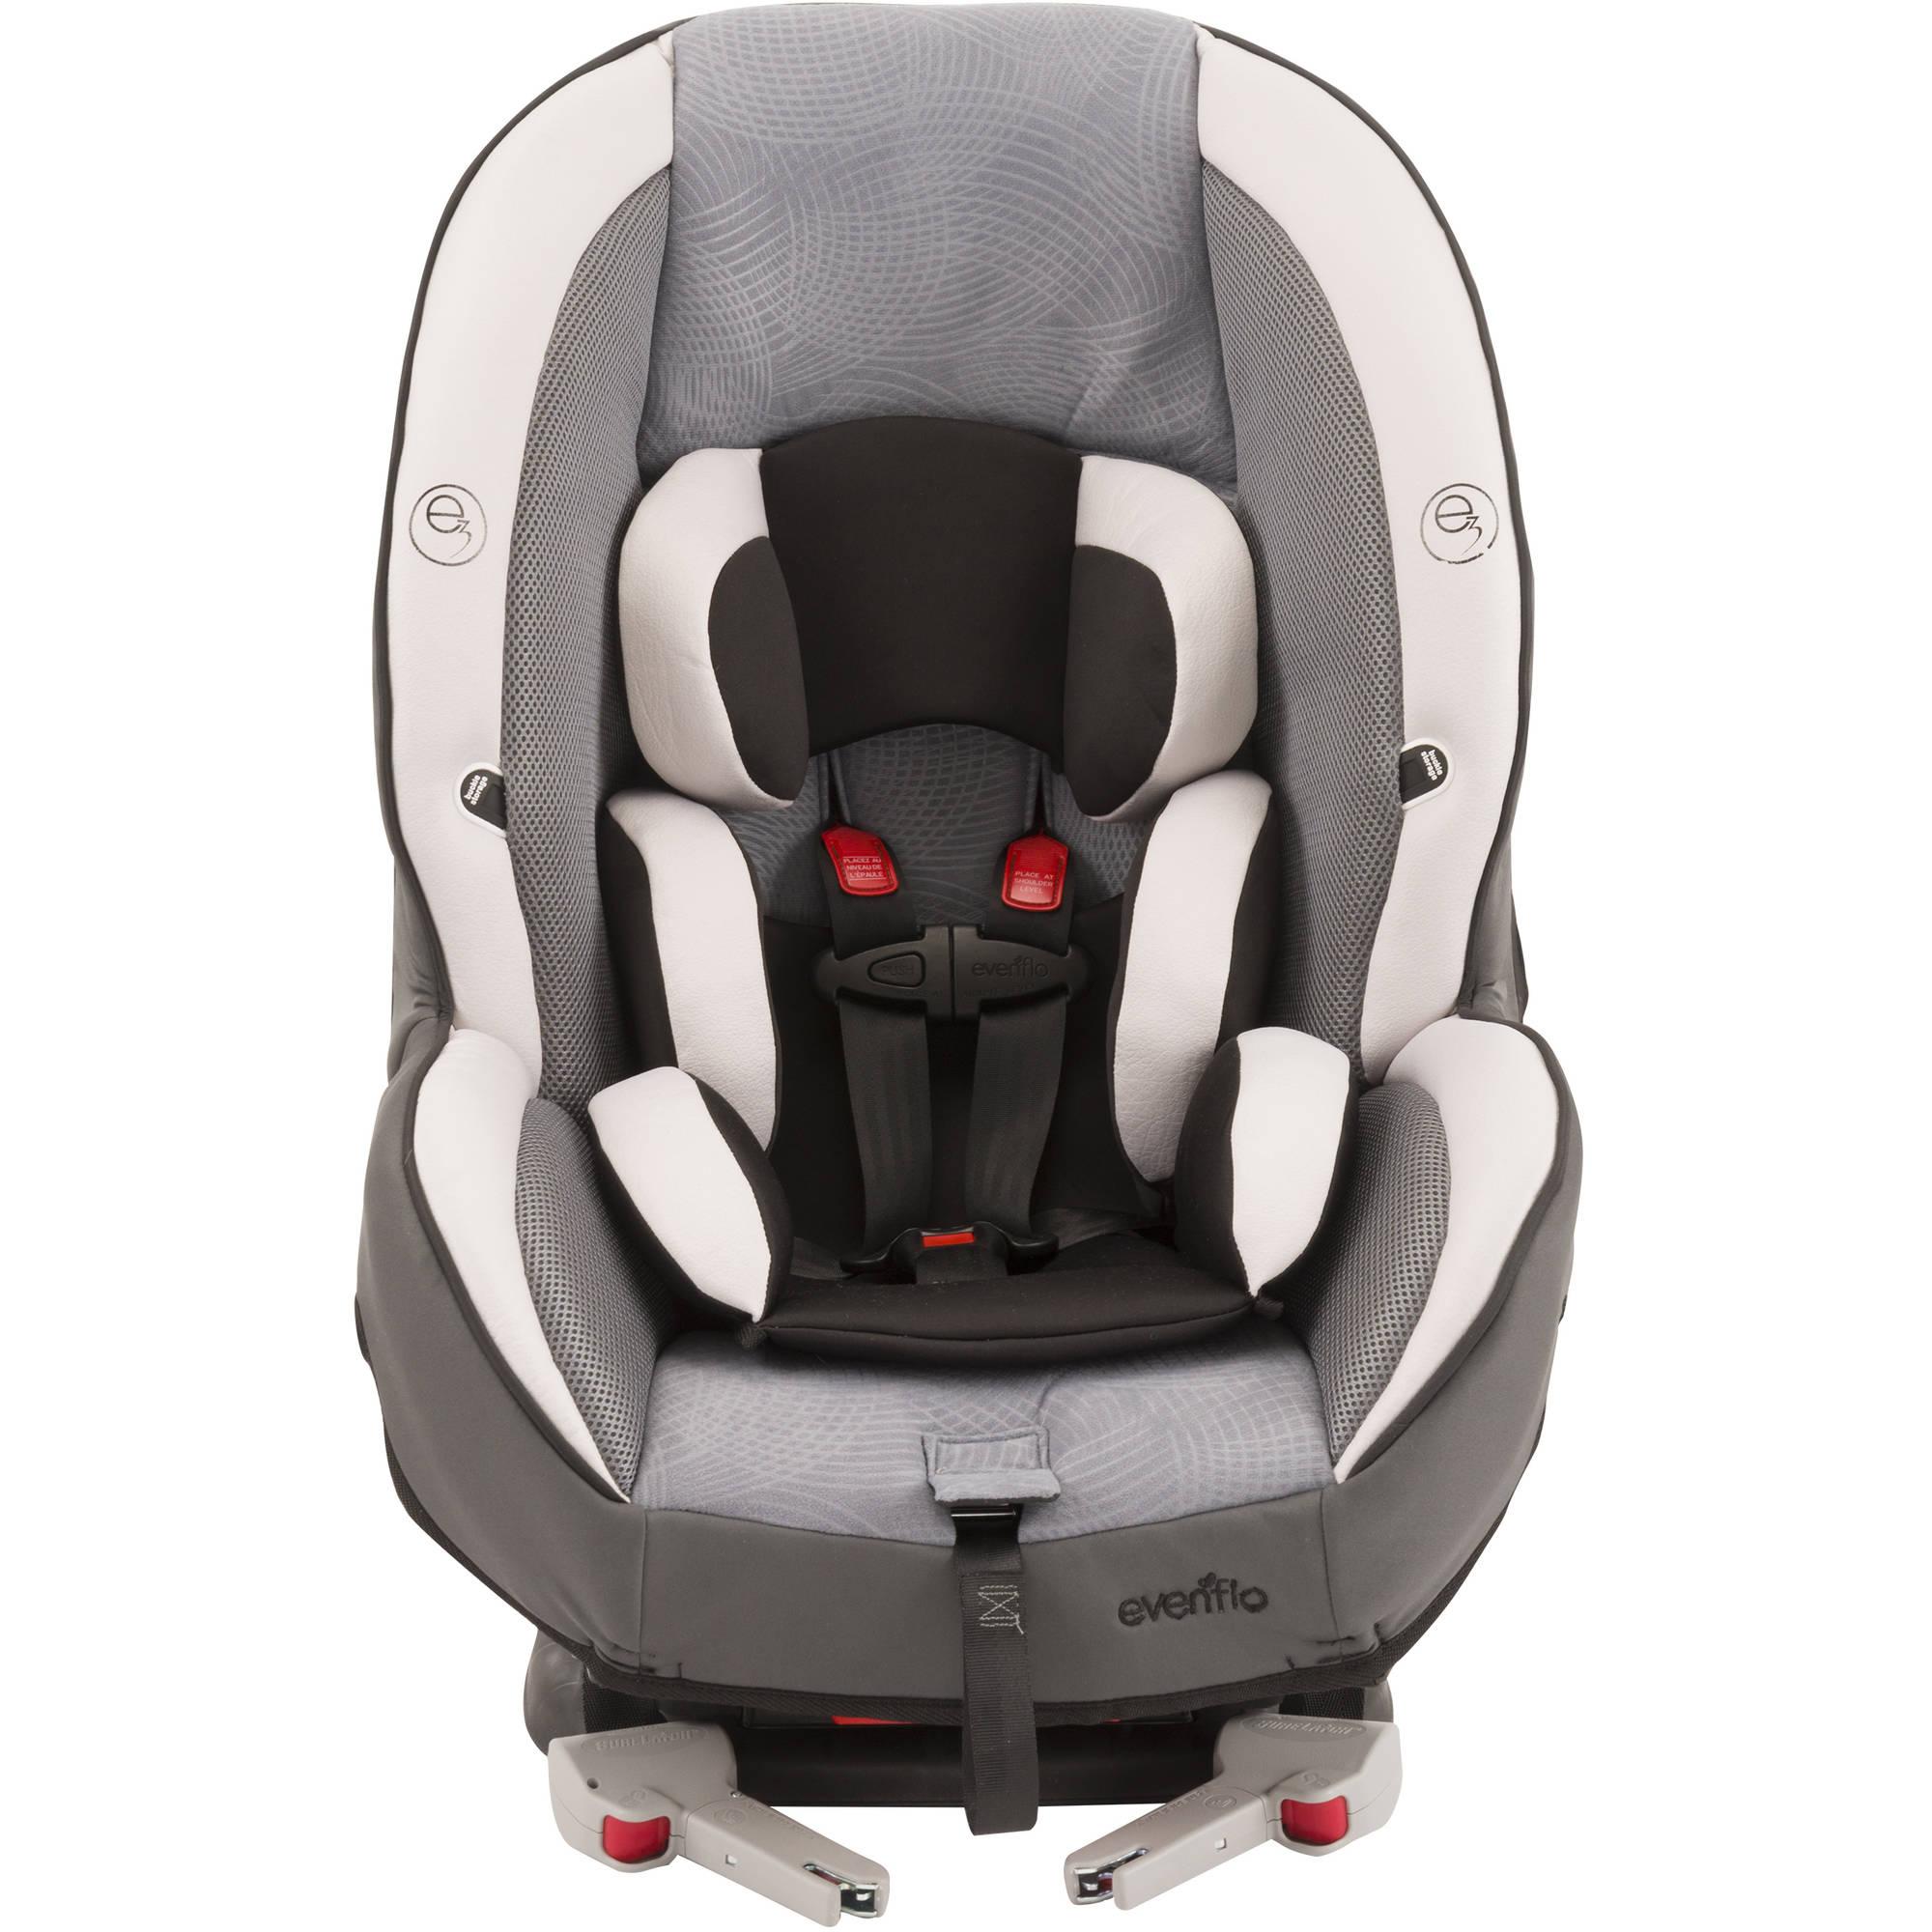 Evenflo Momentum DLX Convertible Car Seat Bailey